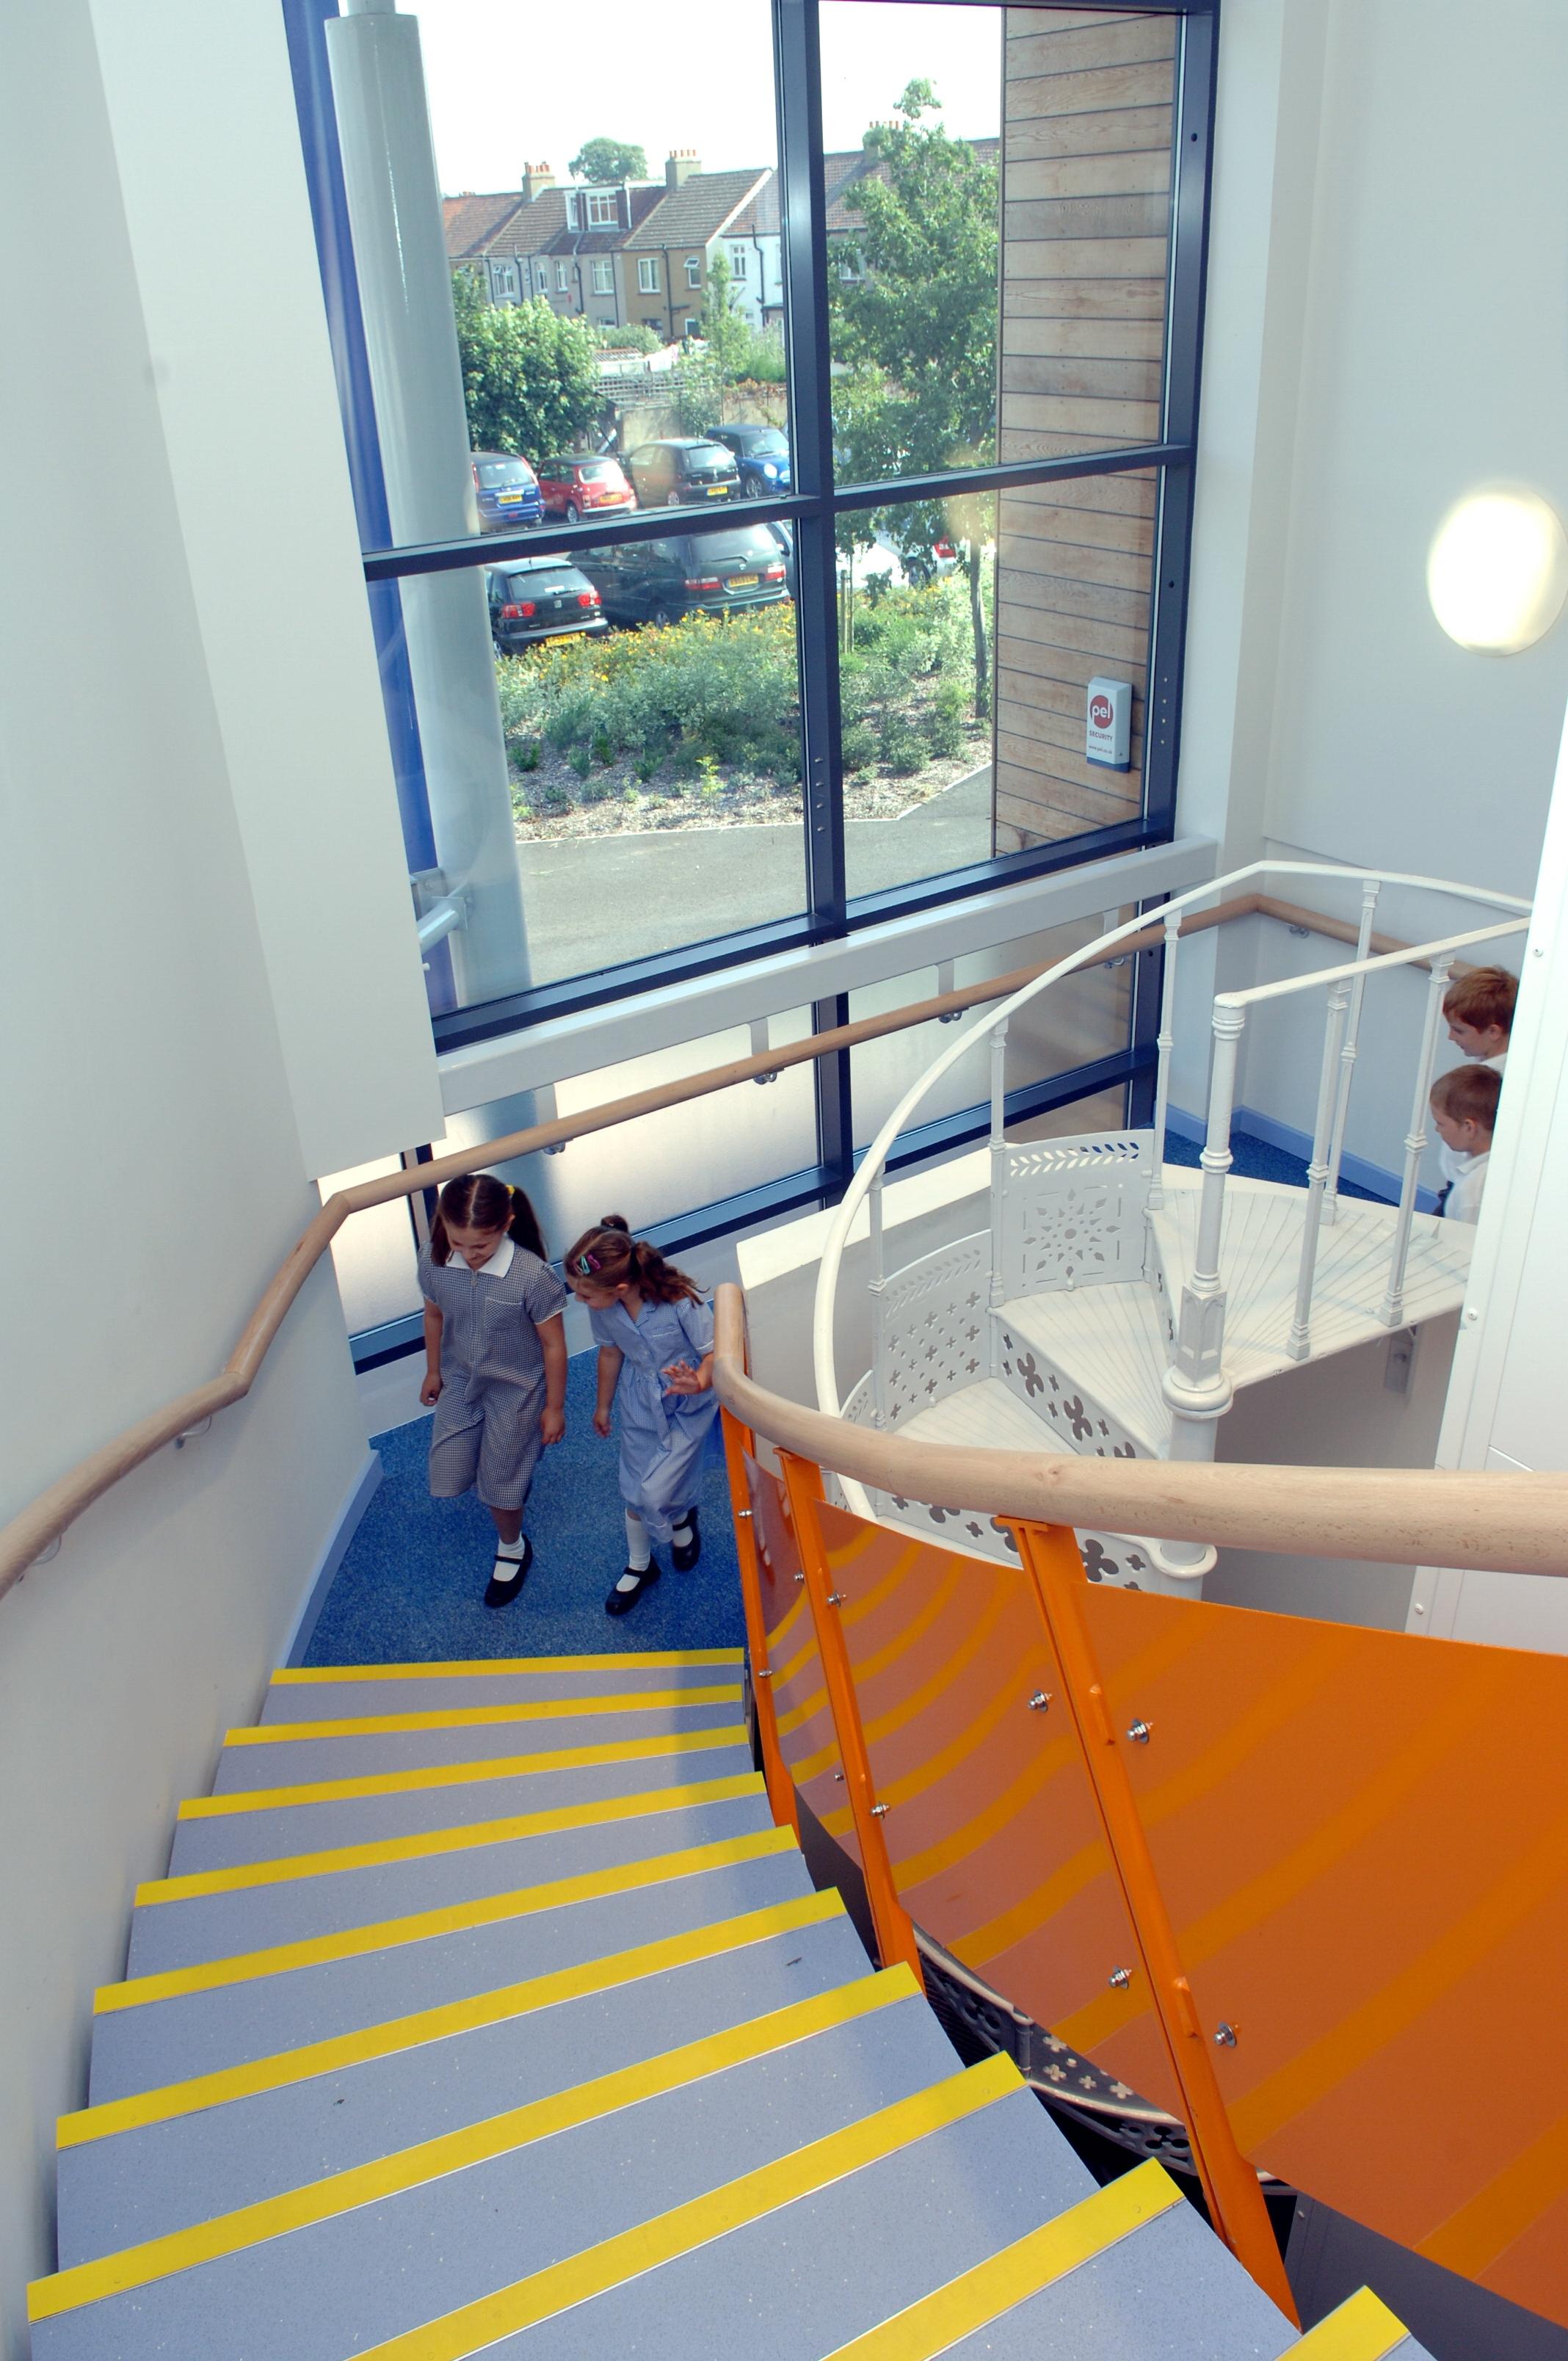 Modern School Architecture